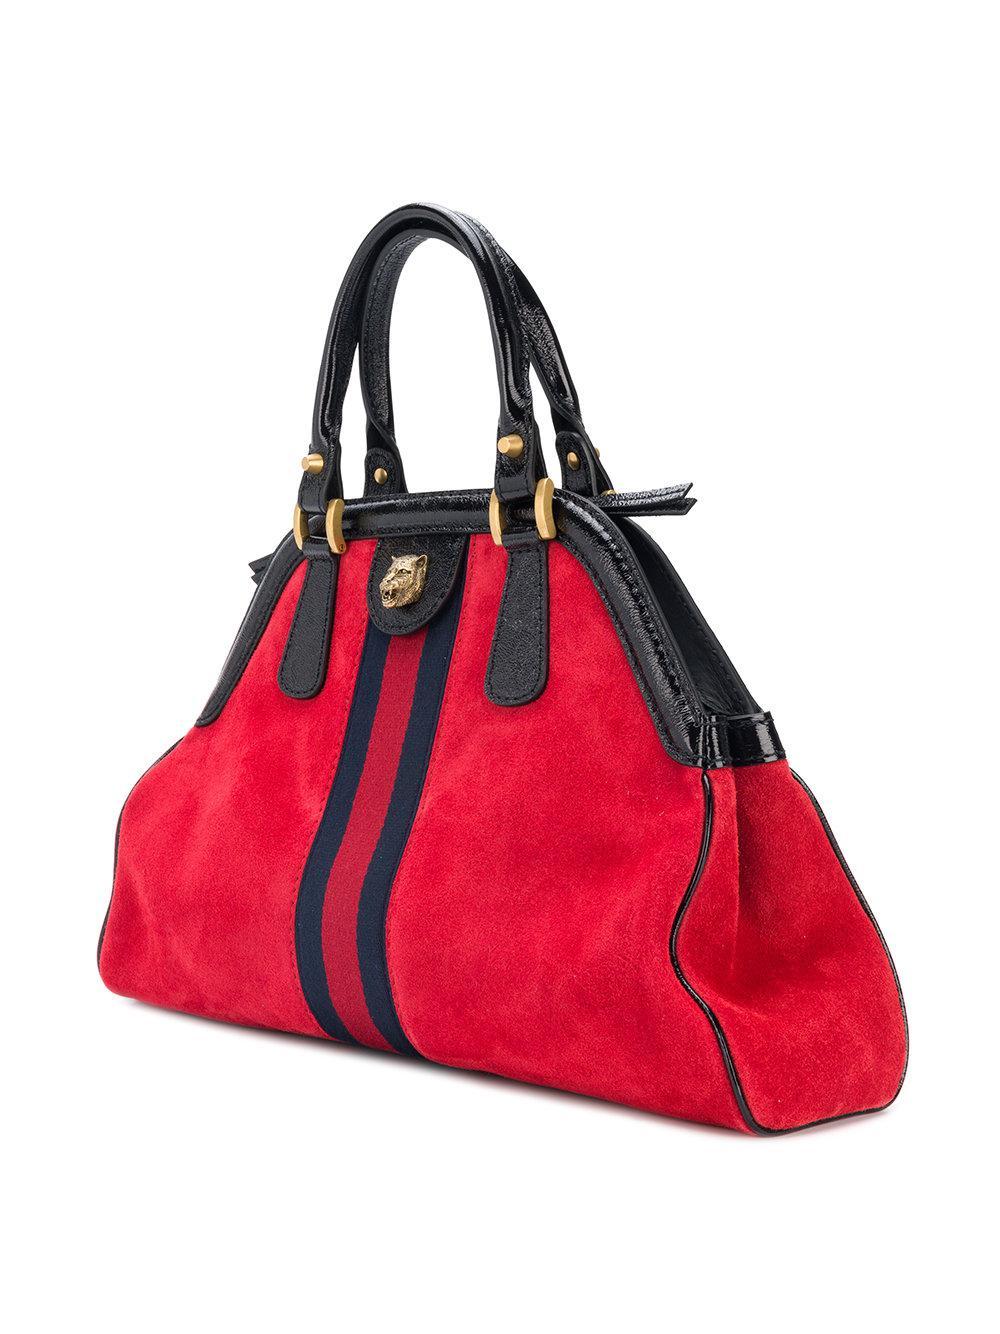 Lyst - Sac à main RE(BELLE) Gucci en coloris Rouge 9c7087baf5c